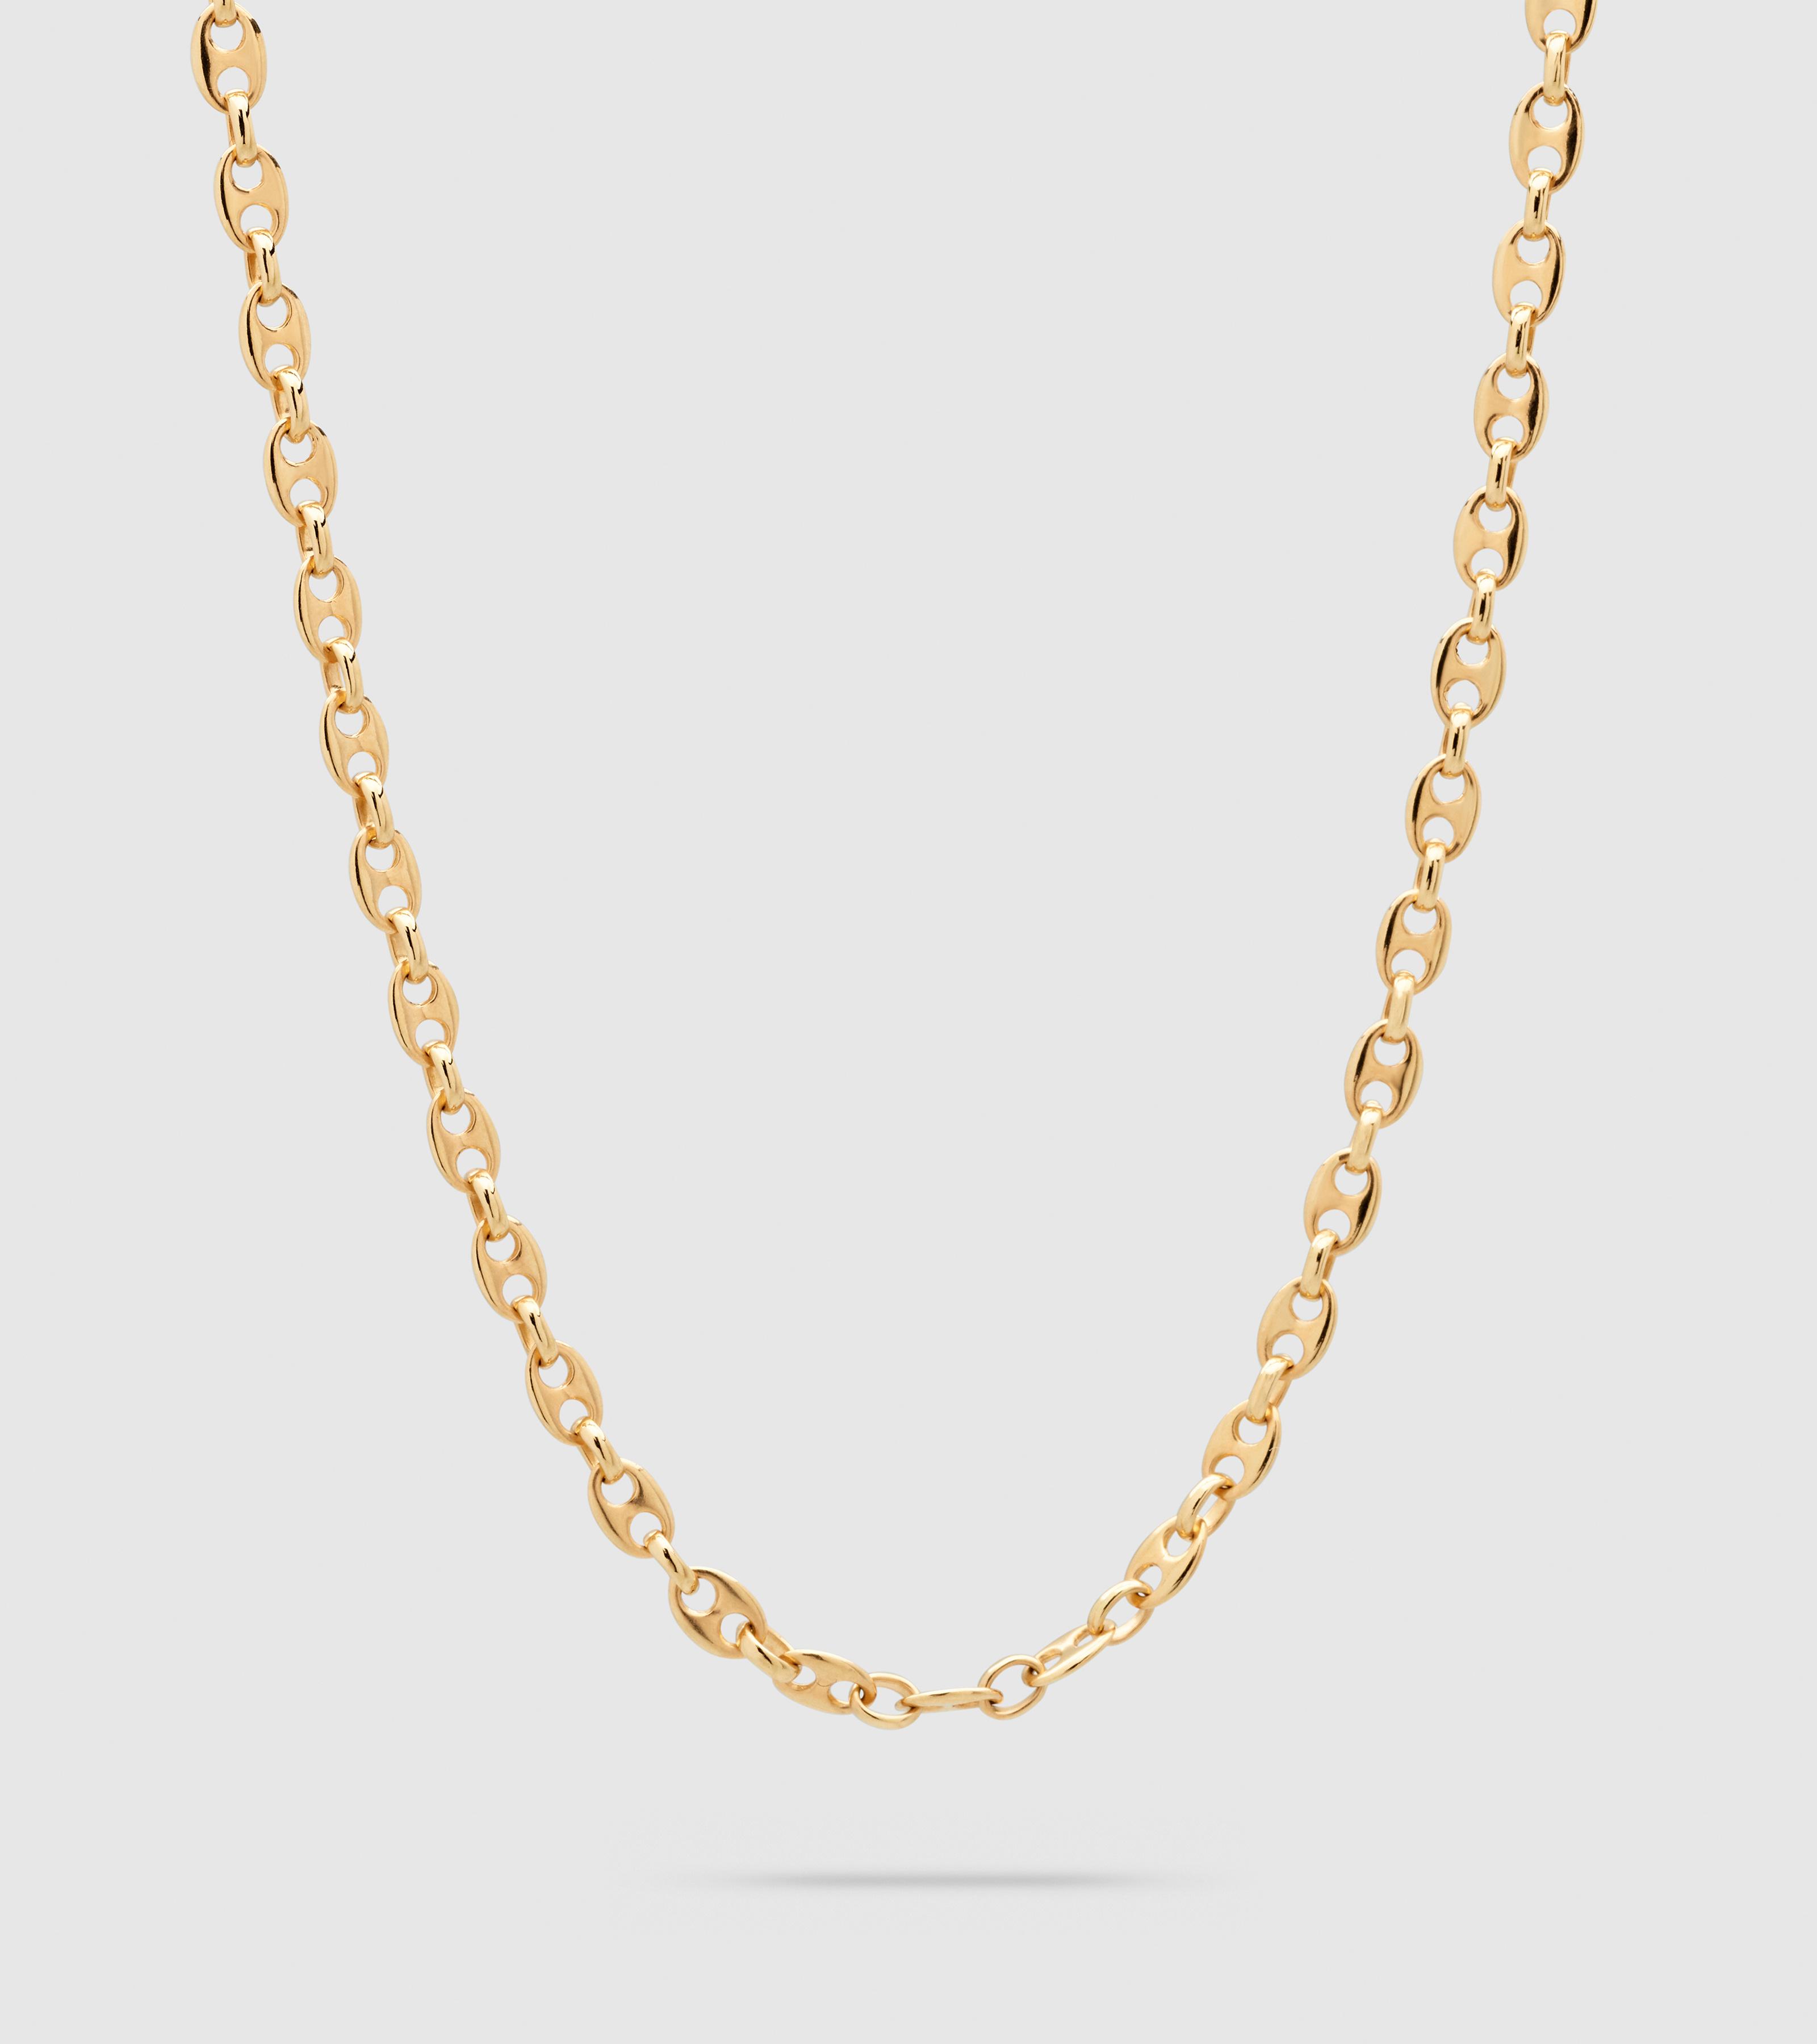 Bean Chain Gold